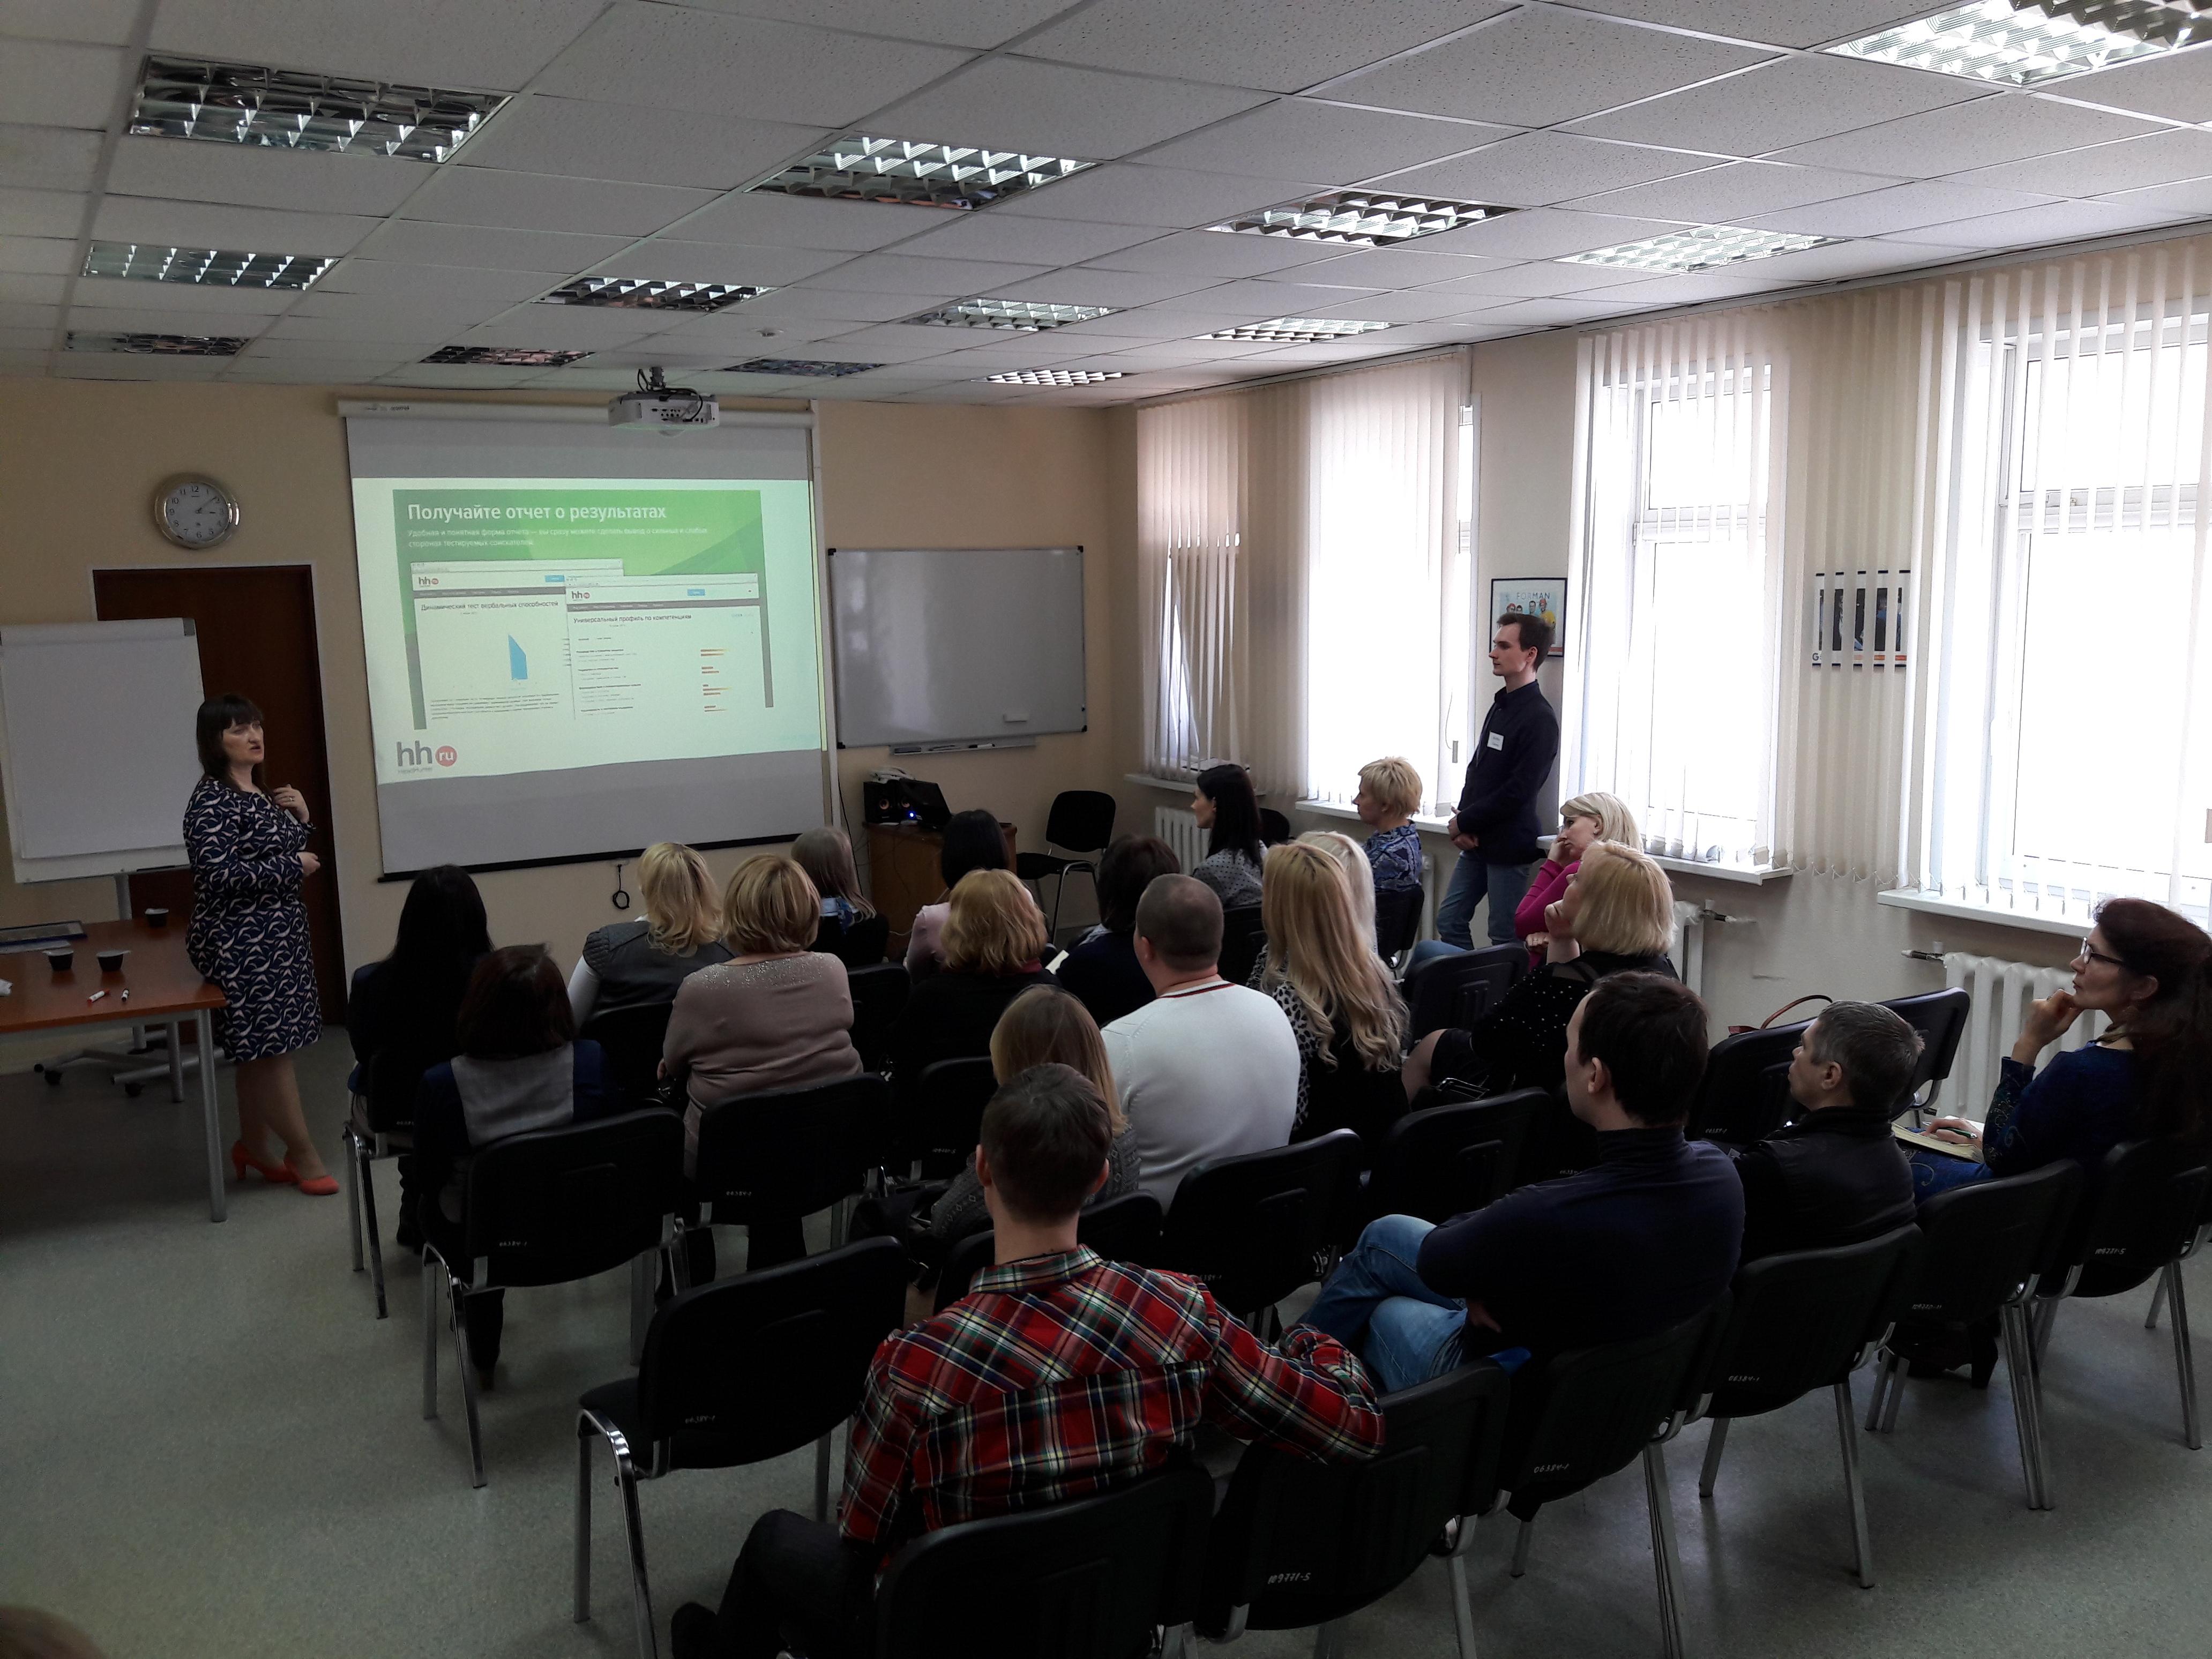 Самарский гипсовый комбинат принял участие в проекте компании HeadHunter «Ходим в гости»